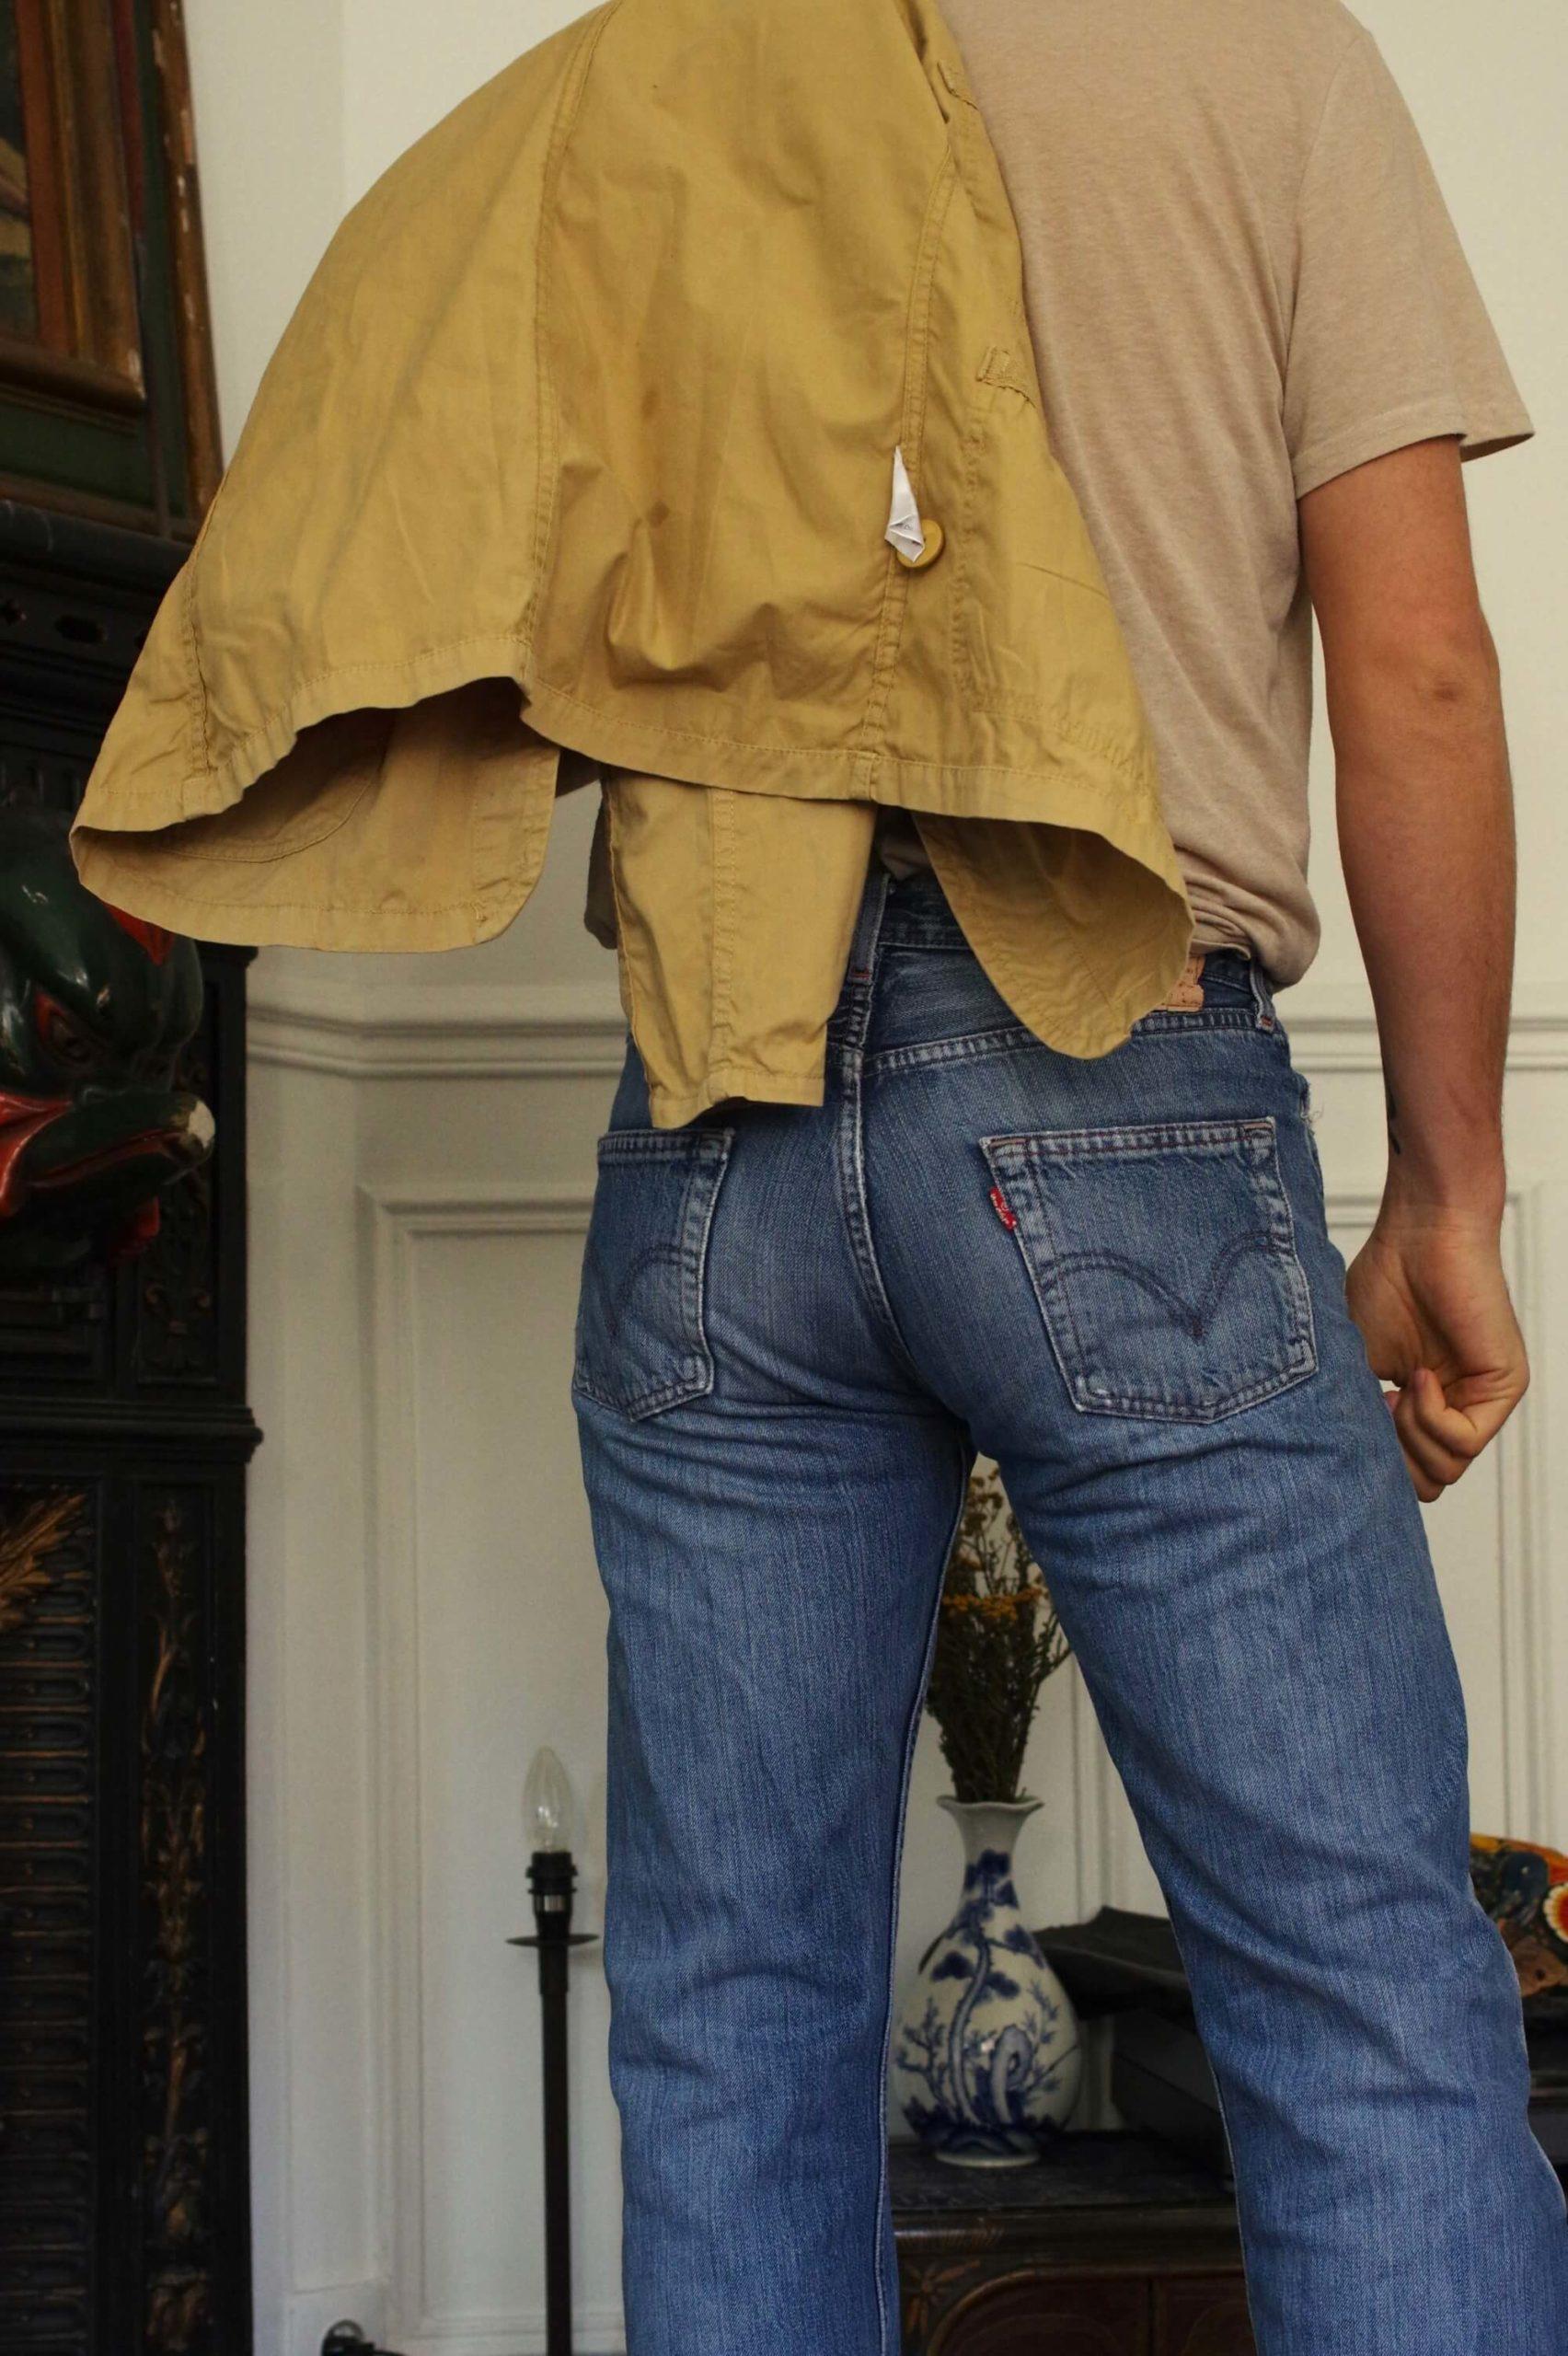 comment porter un jean size-down avec un levis vintage 501 stone wash